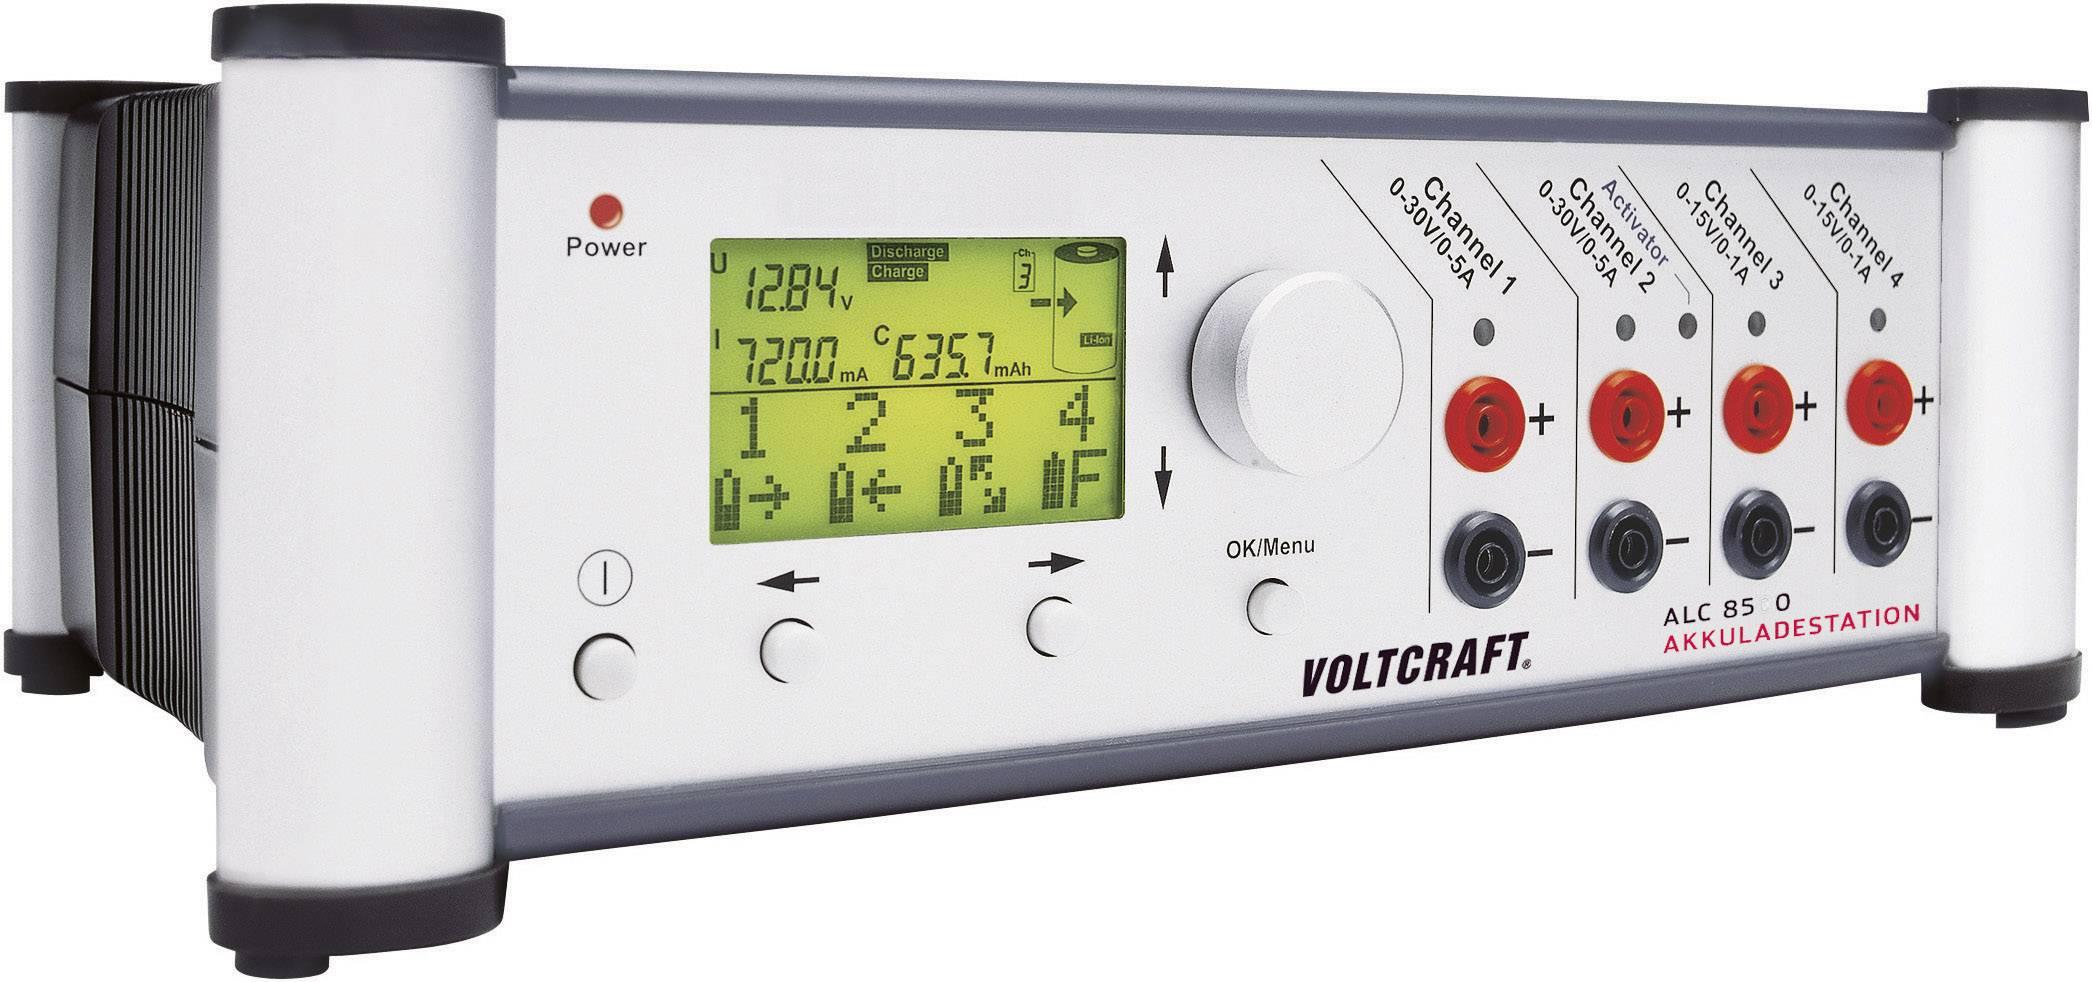 Modelářská multifunkční nabíječka VOLTCRAFT ALC 8500 EXPERT 200850, 5000 mA